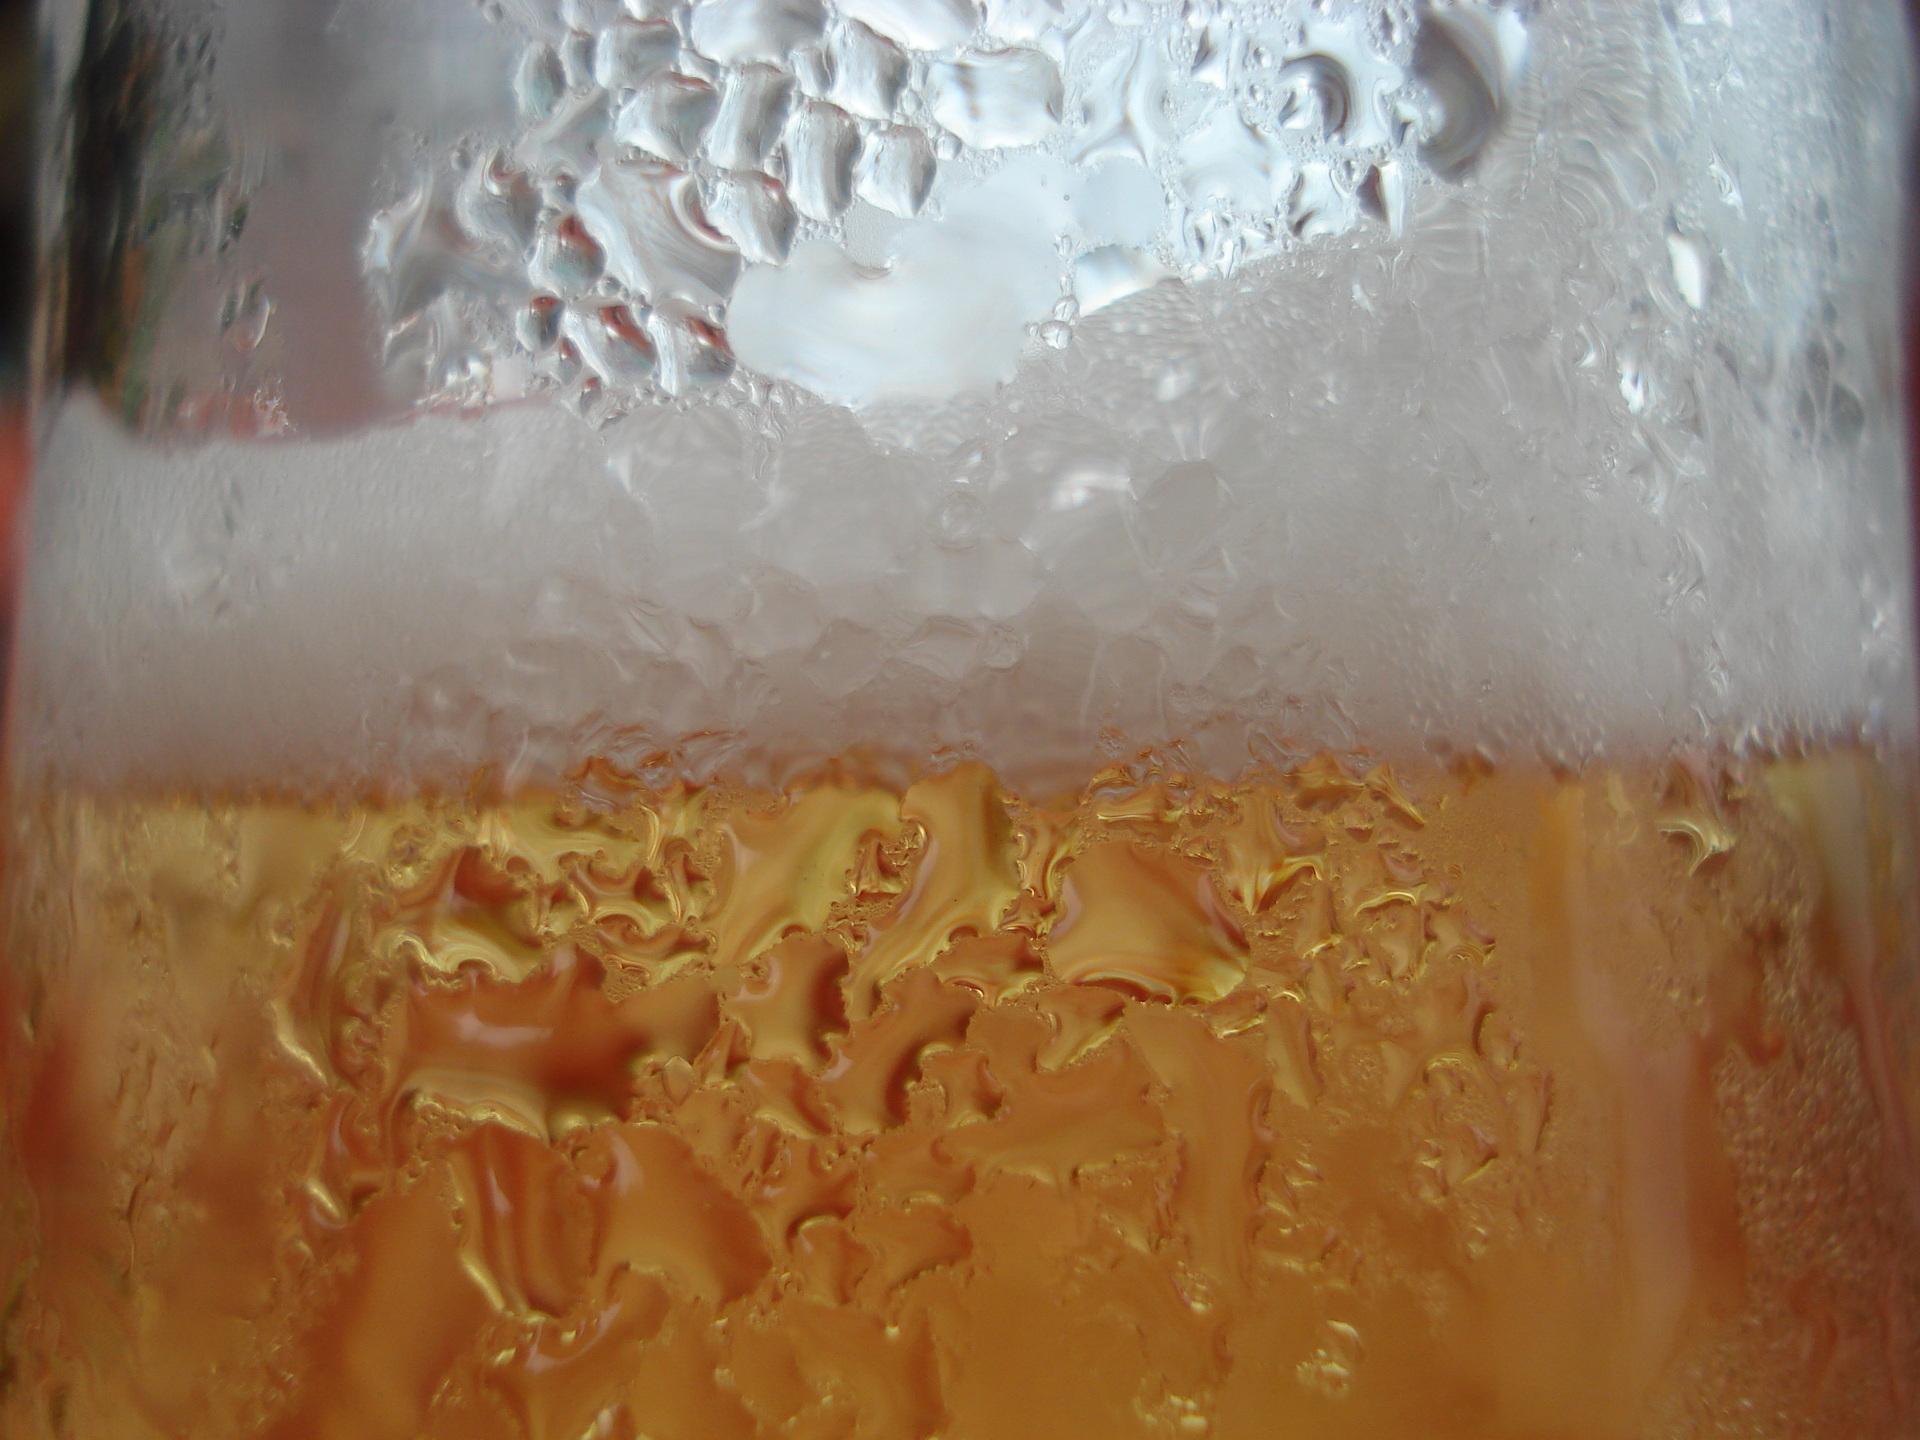 Com a expansão da cultura da cerveja no Brasil, surgem termos mais específicos que até então não faziam parte do vocabulário dos apreciadores (Foto: Free Images)